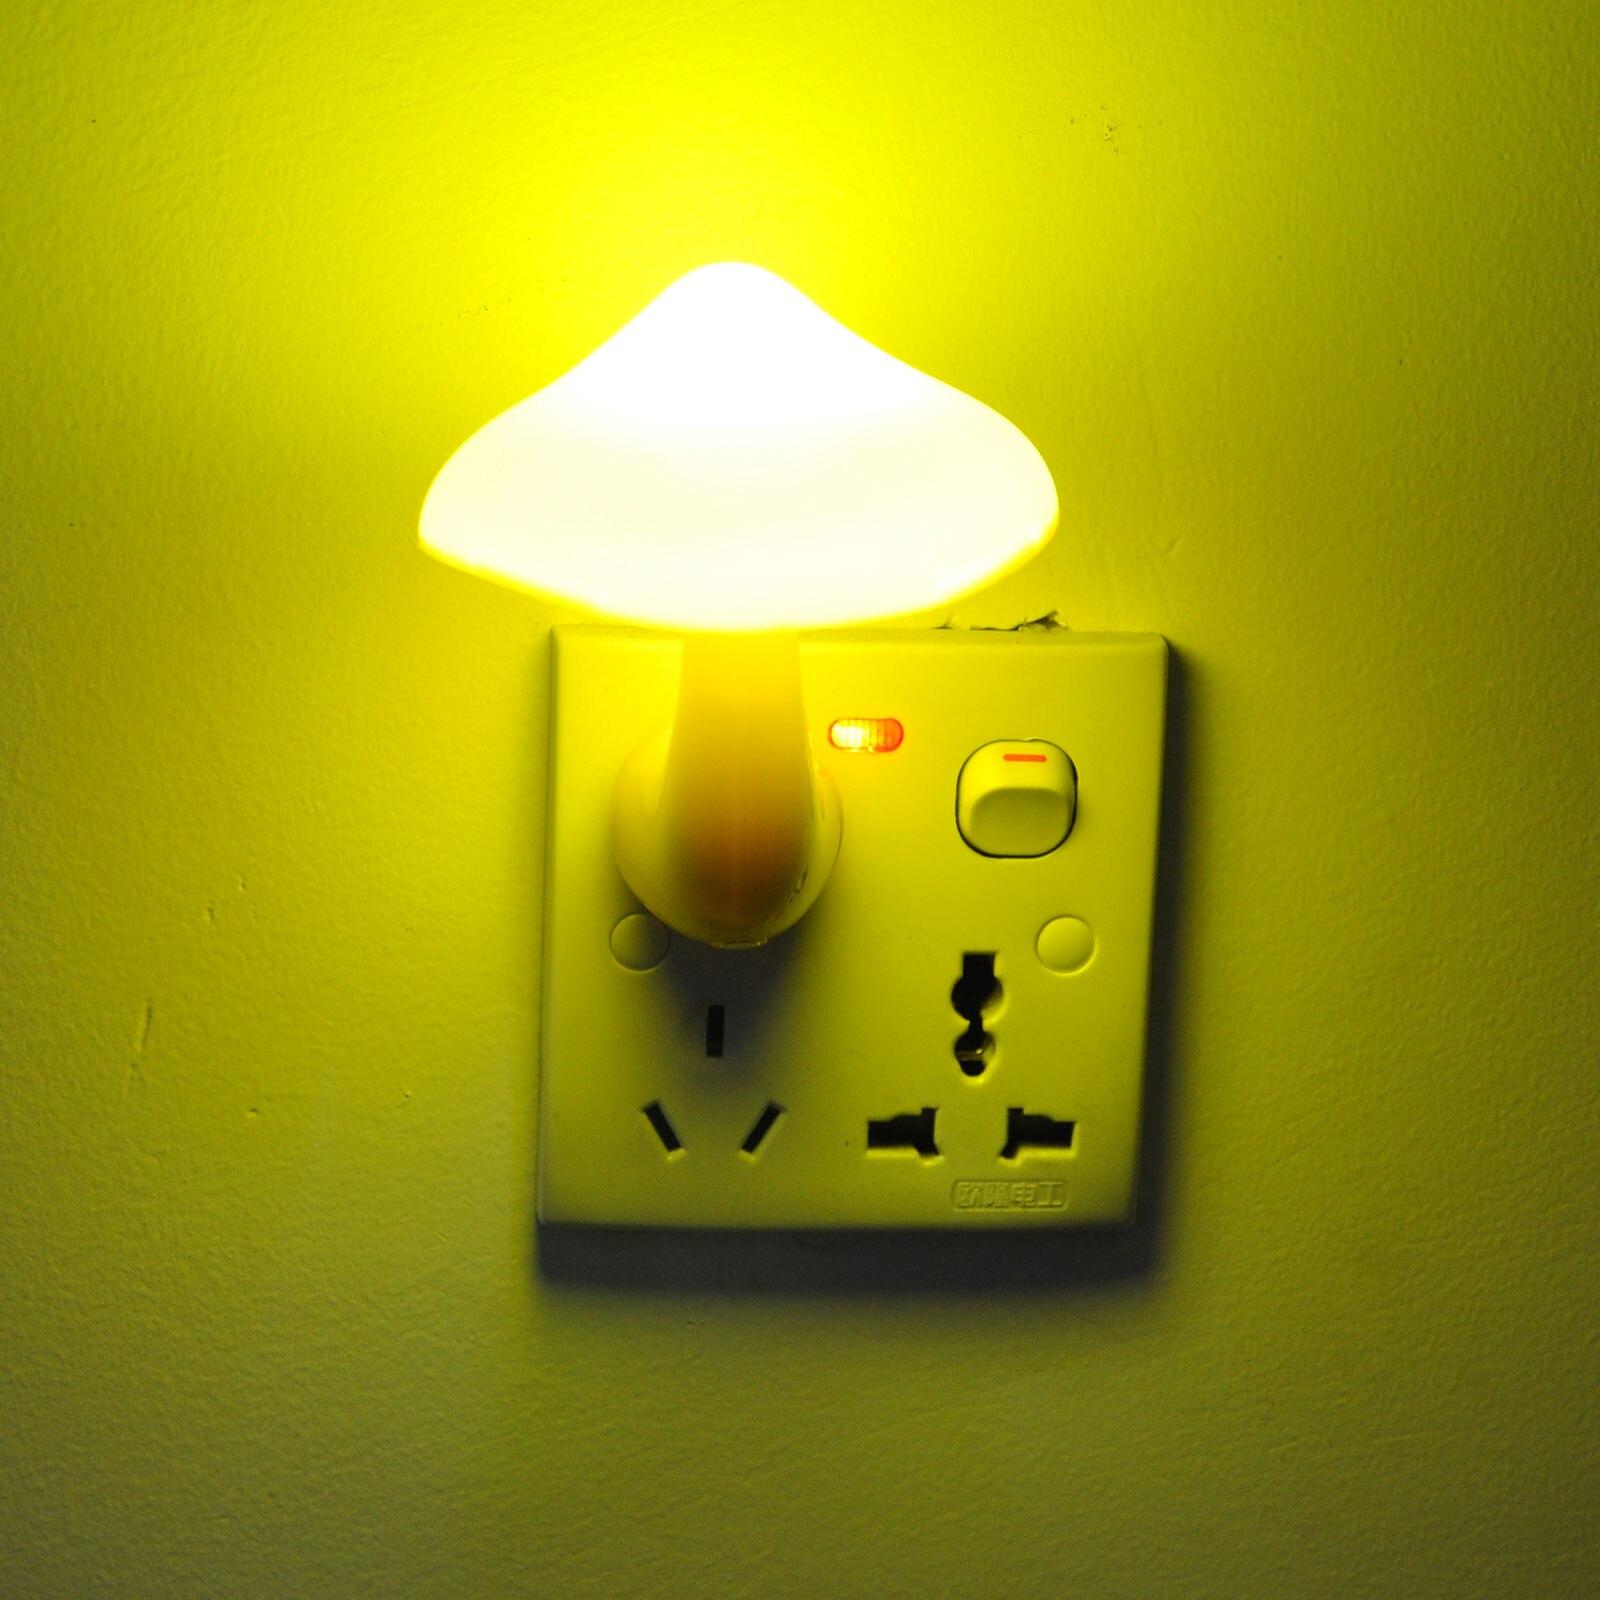 ЕС США <font><b>Plug</b></font> гриб розетки свет управлением Сенсор Светодиодные ночники лампа Спальня Детские Авто свет Управление 110-220 В подарок